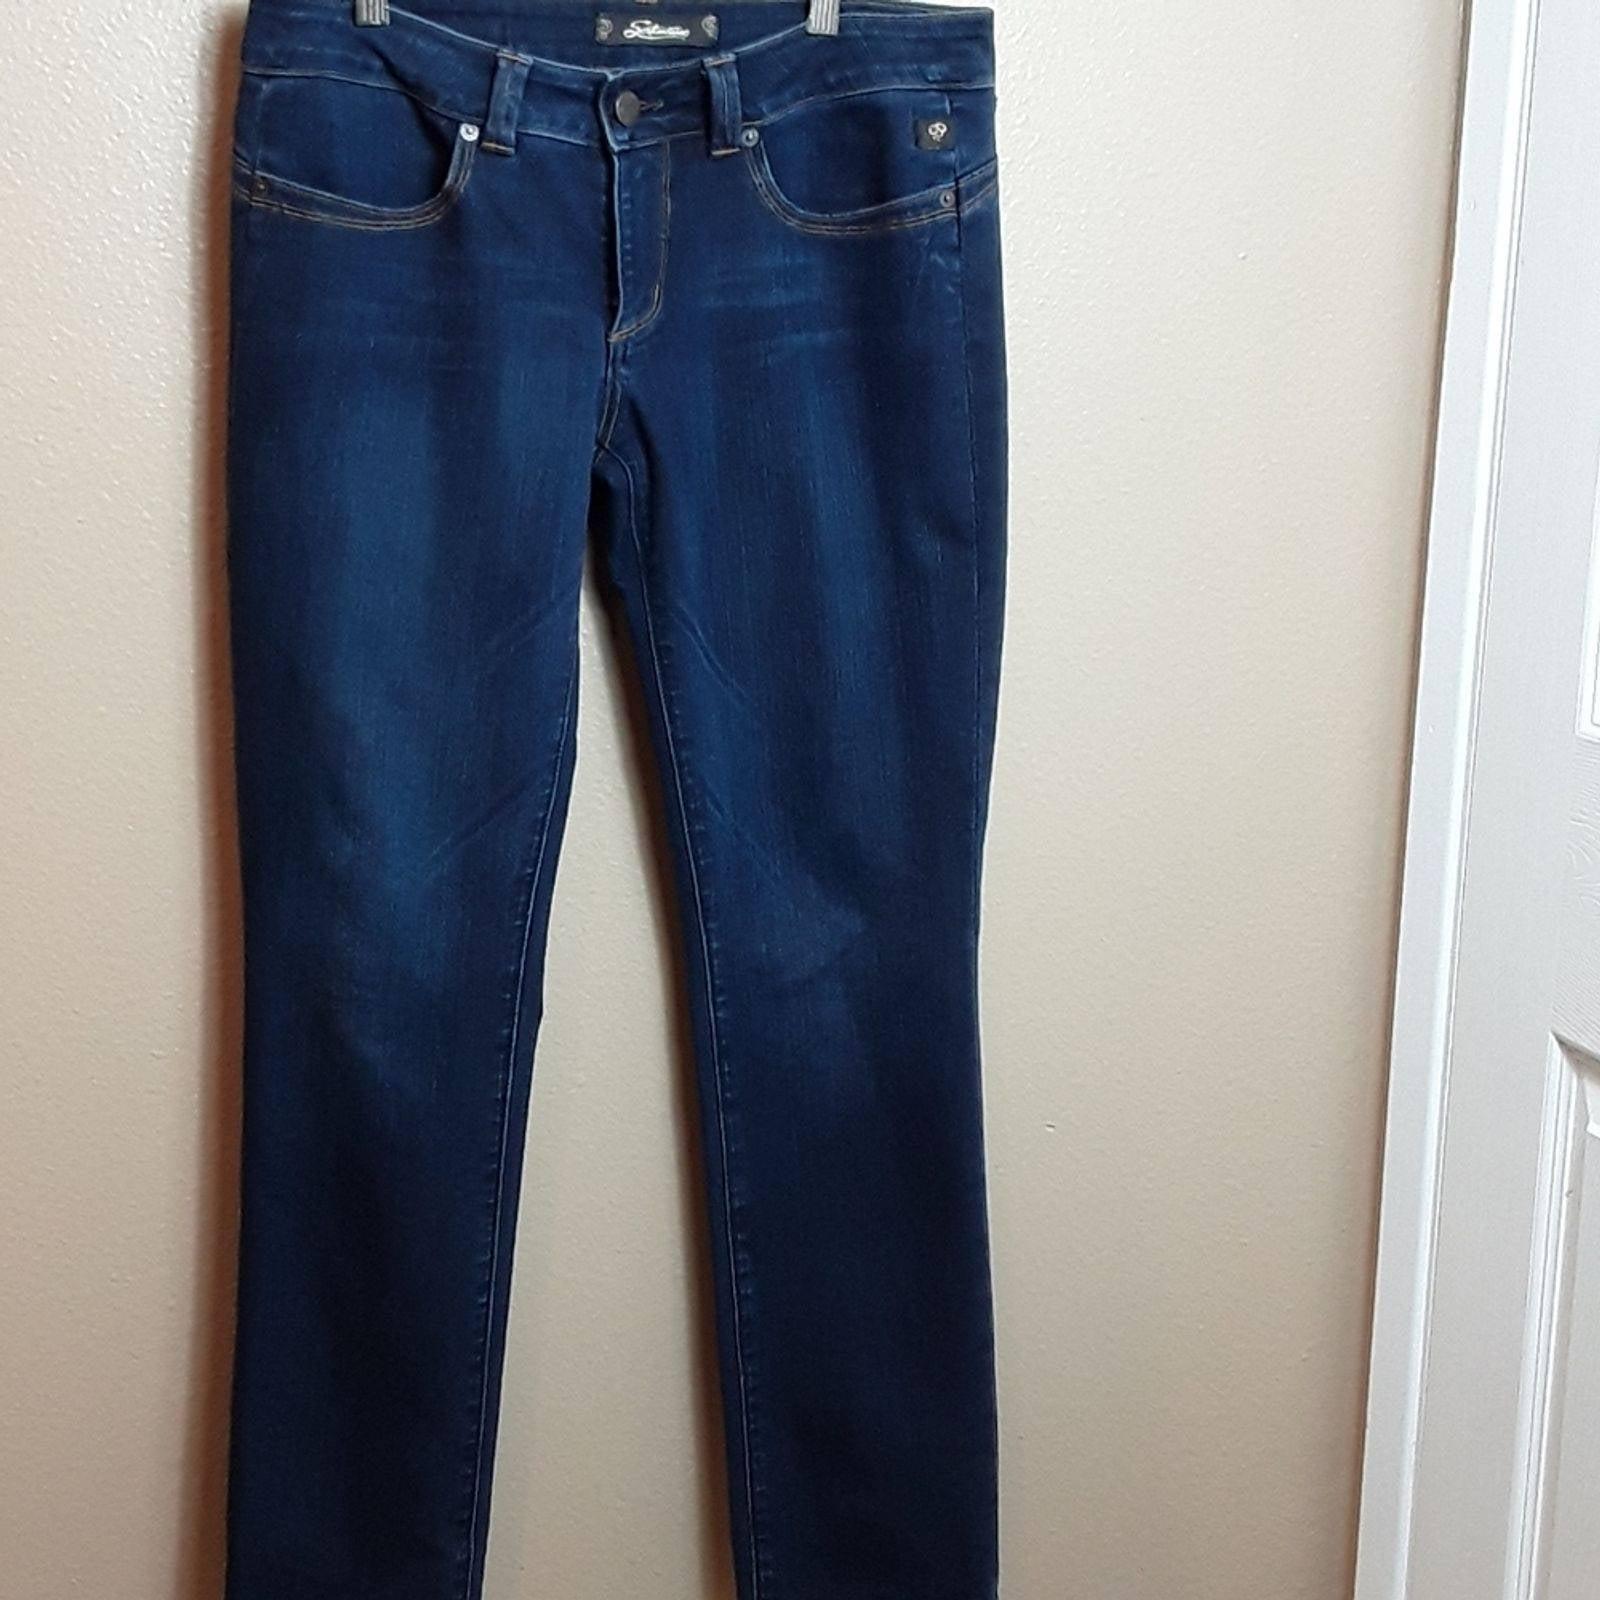 Serfontaine Darkwash Denim Jean size 29